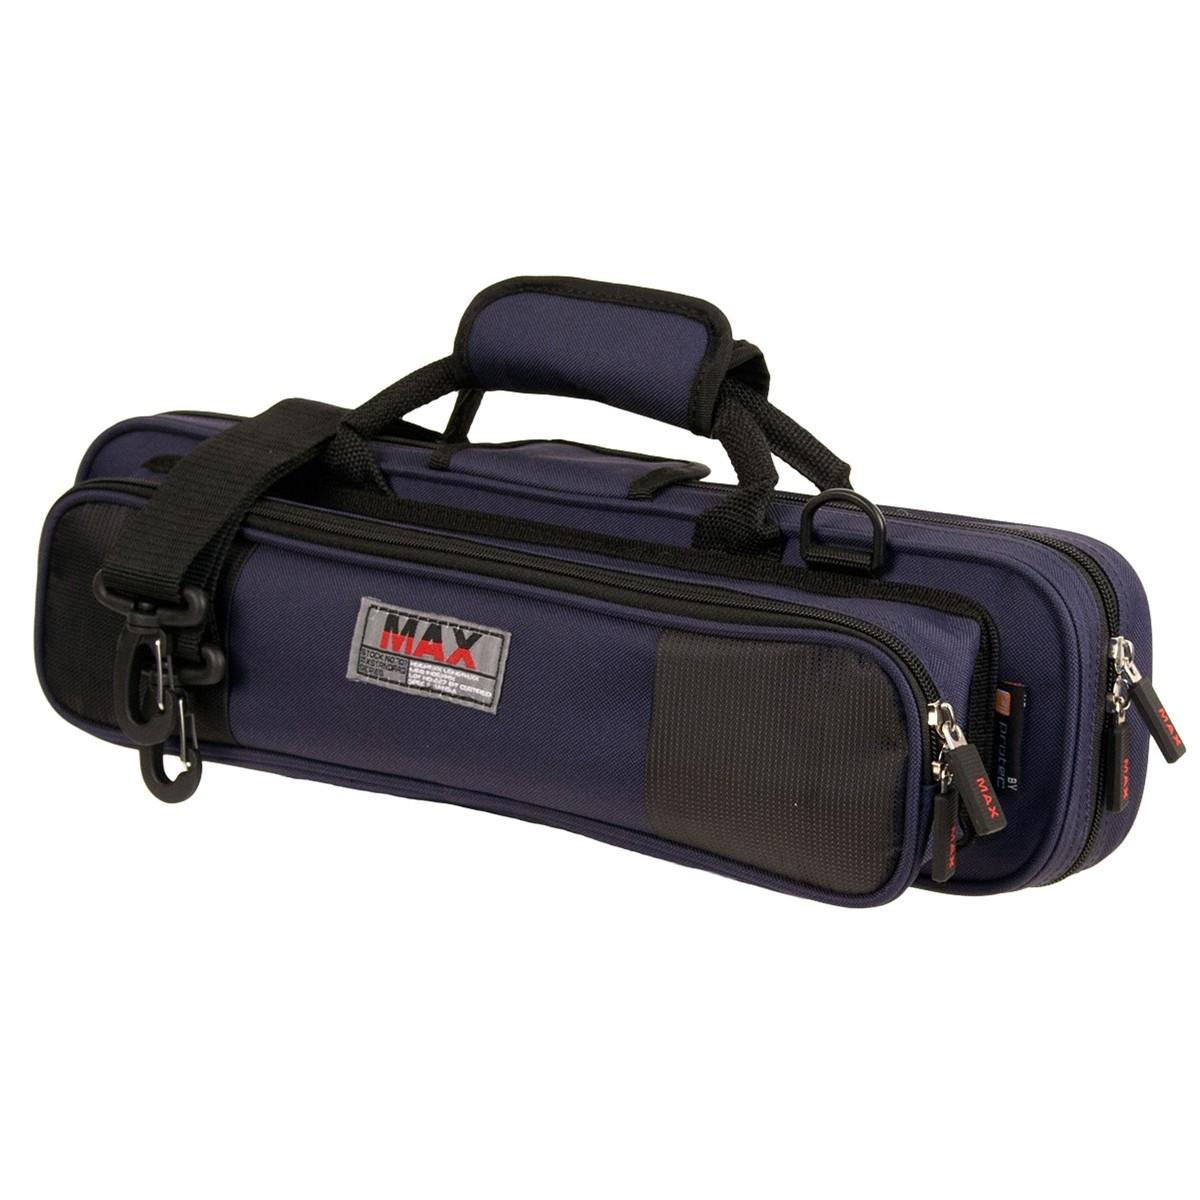 Protec Flute MAX Case (MX308)